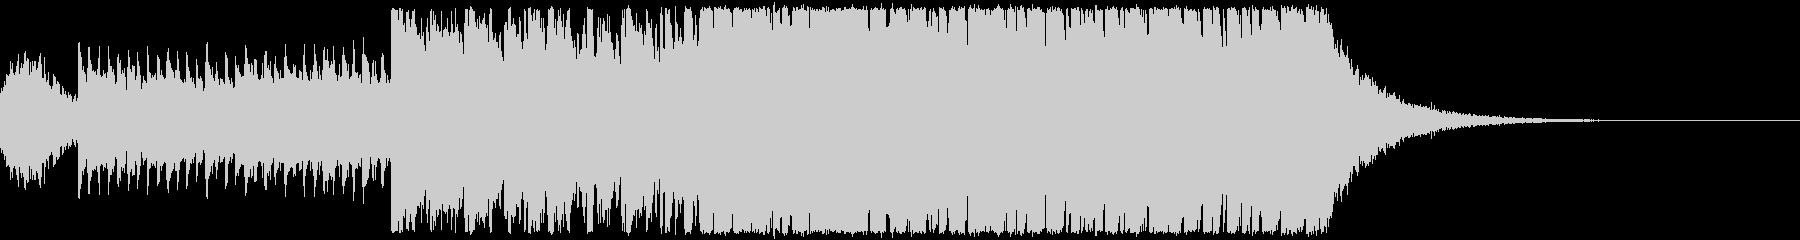 キラキラ&アップテンポなオープニング楽曲の未再生の波形